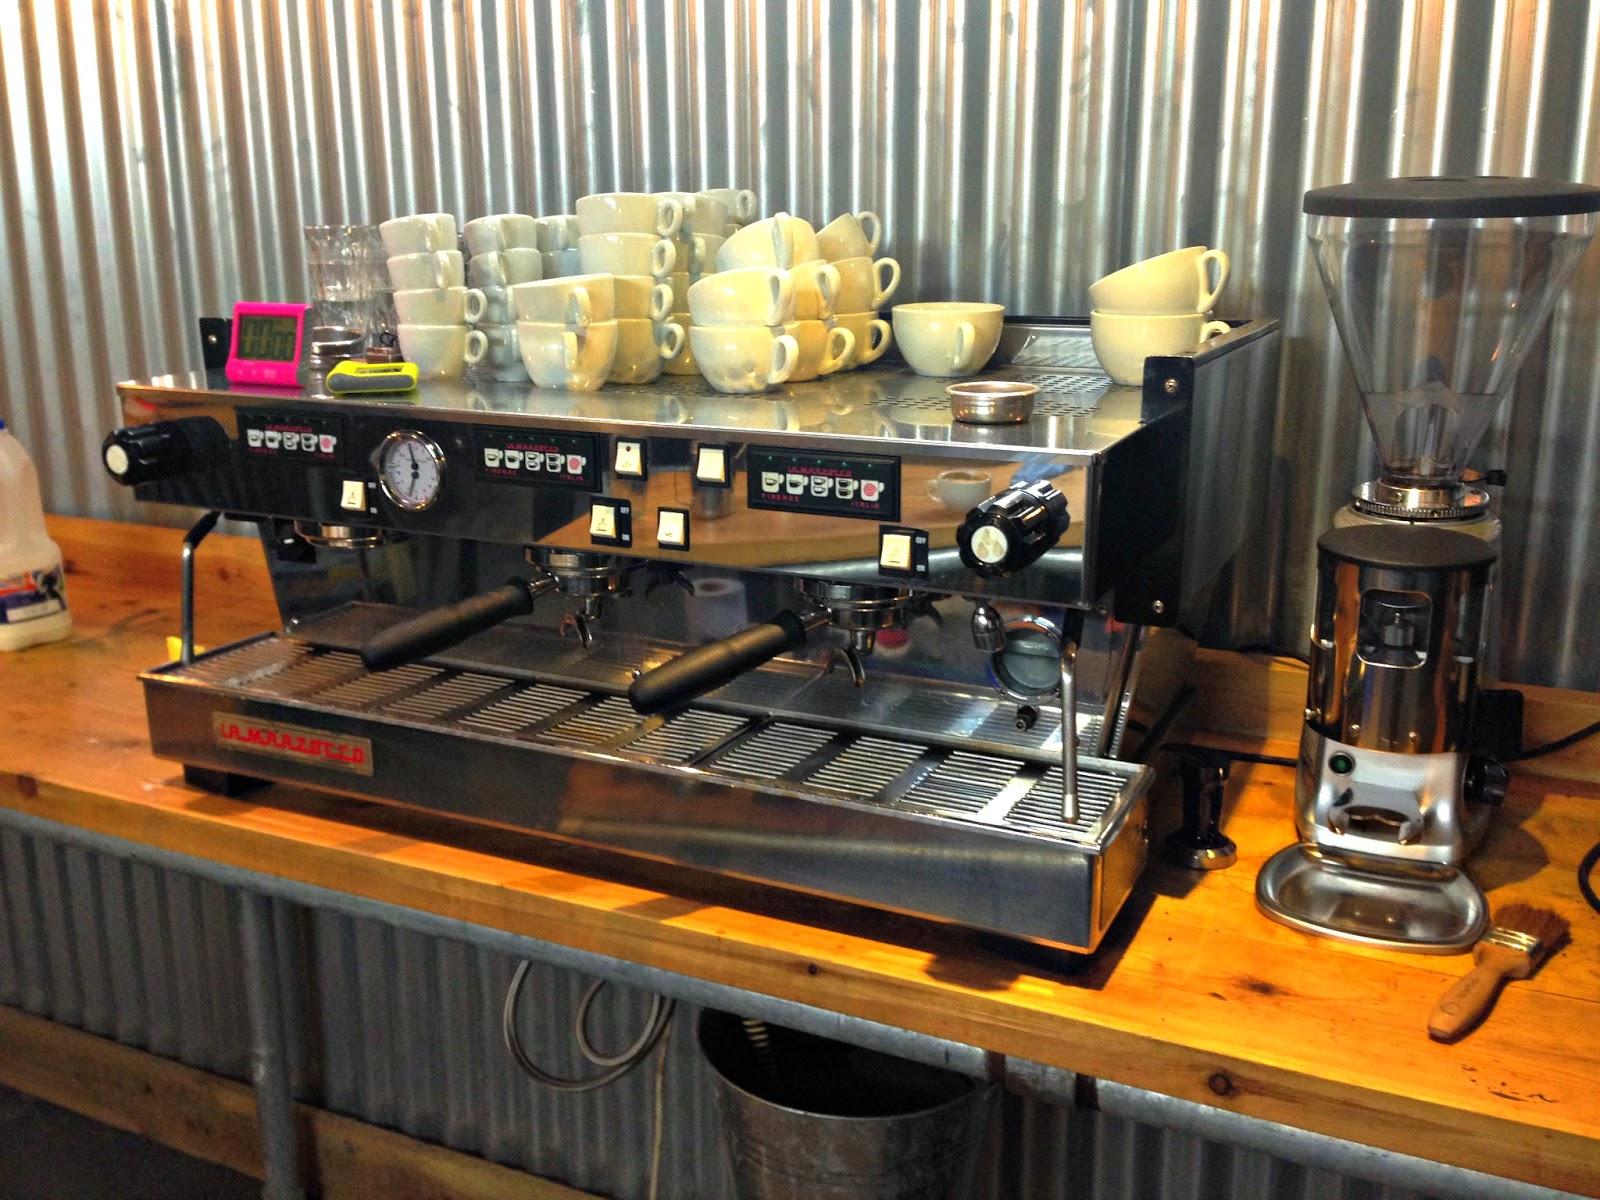 Small Batch Coffee Brighton Latte Art Course Seven Dials